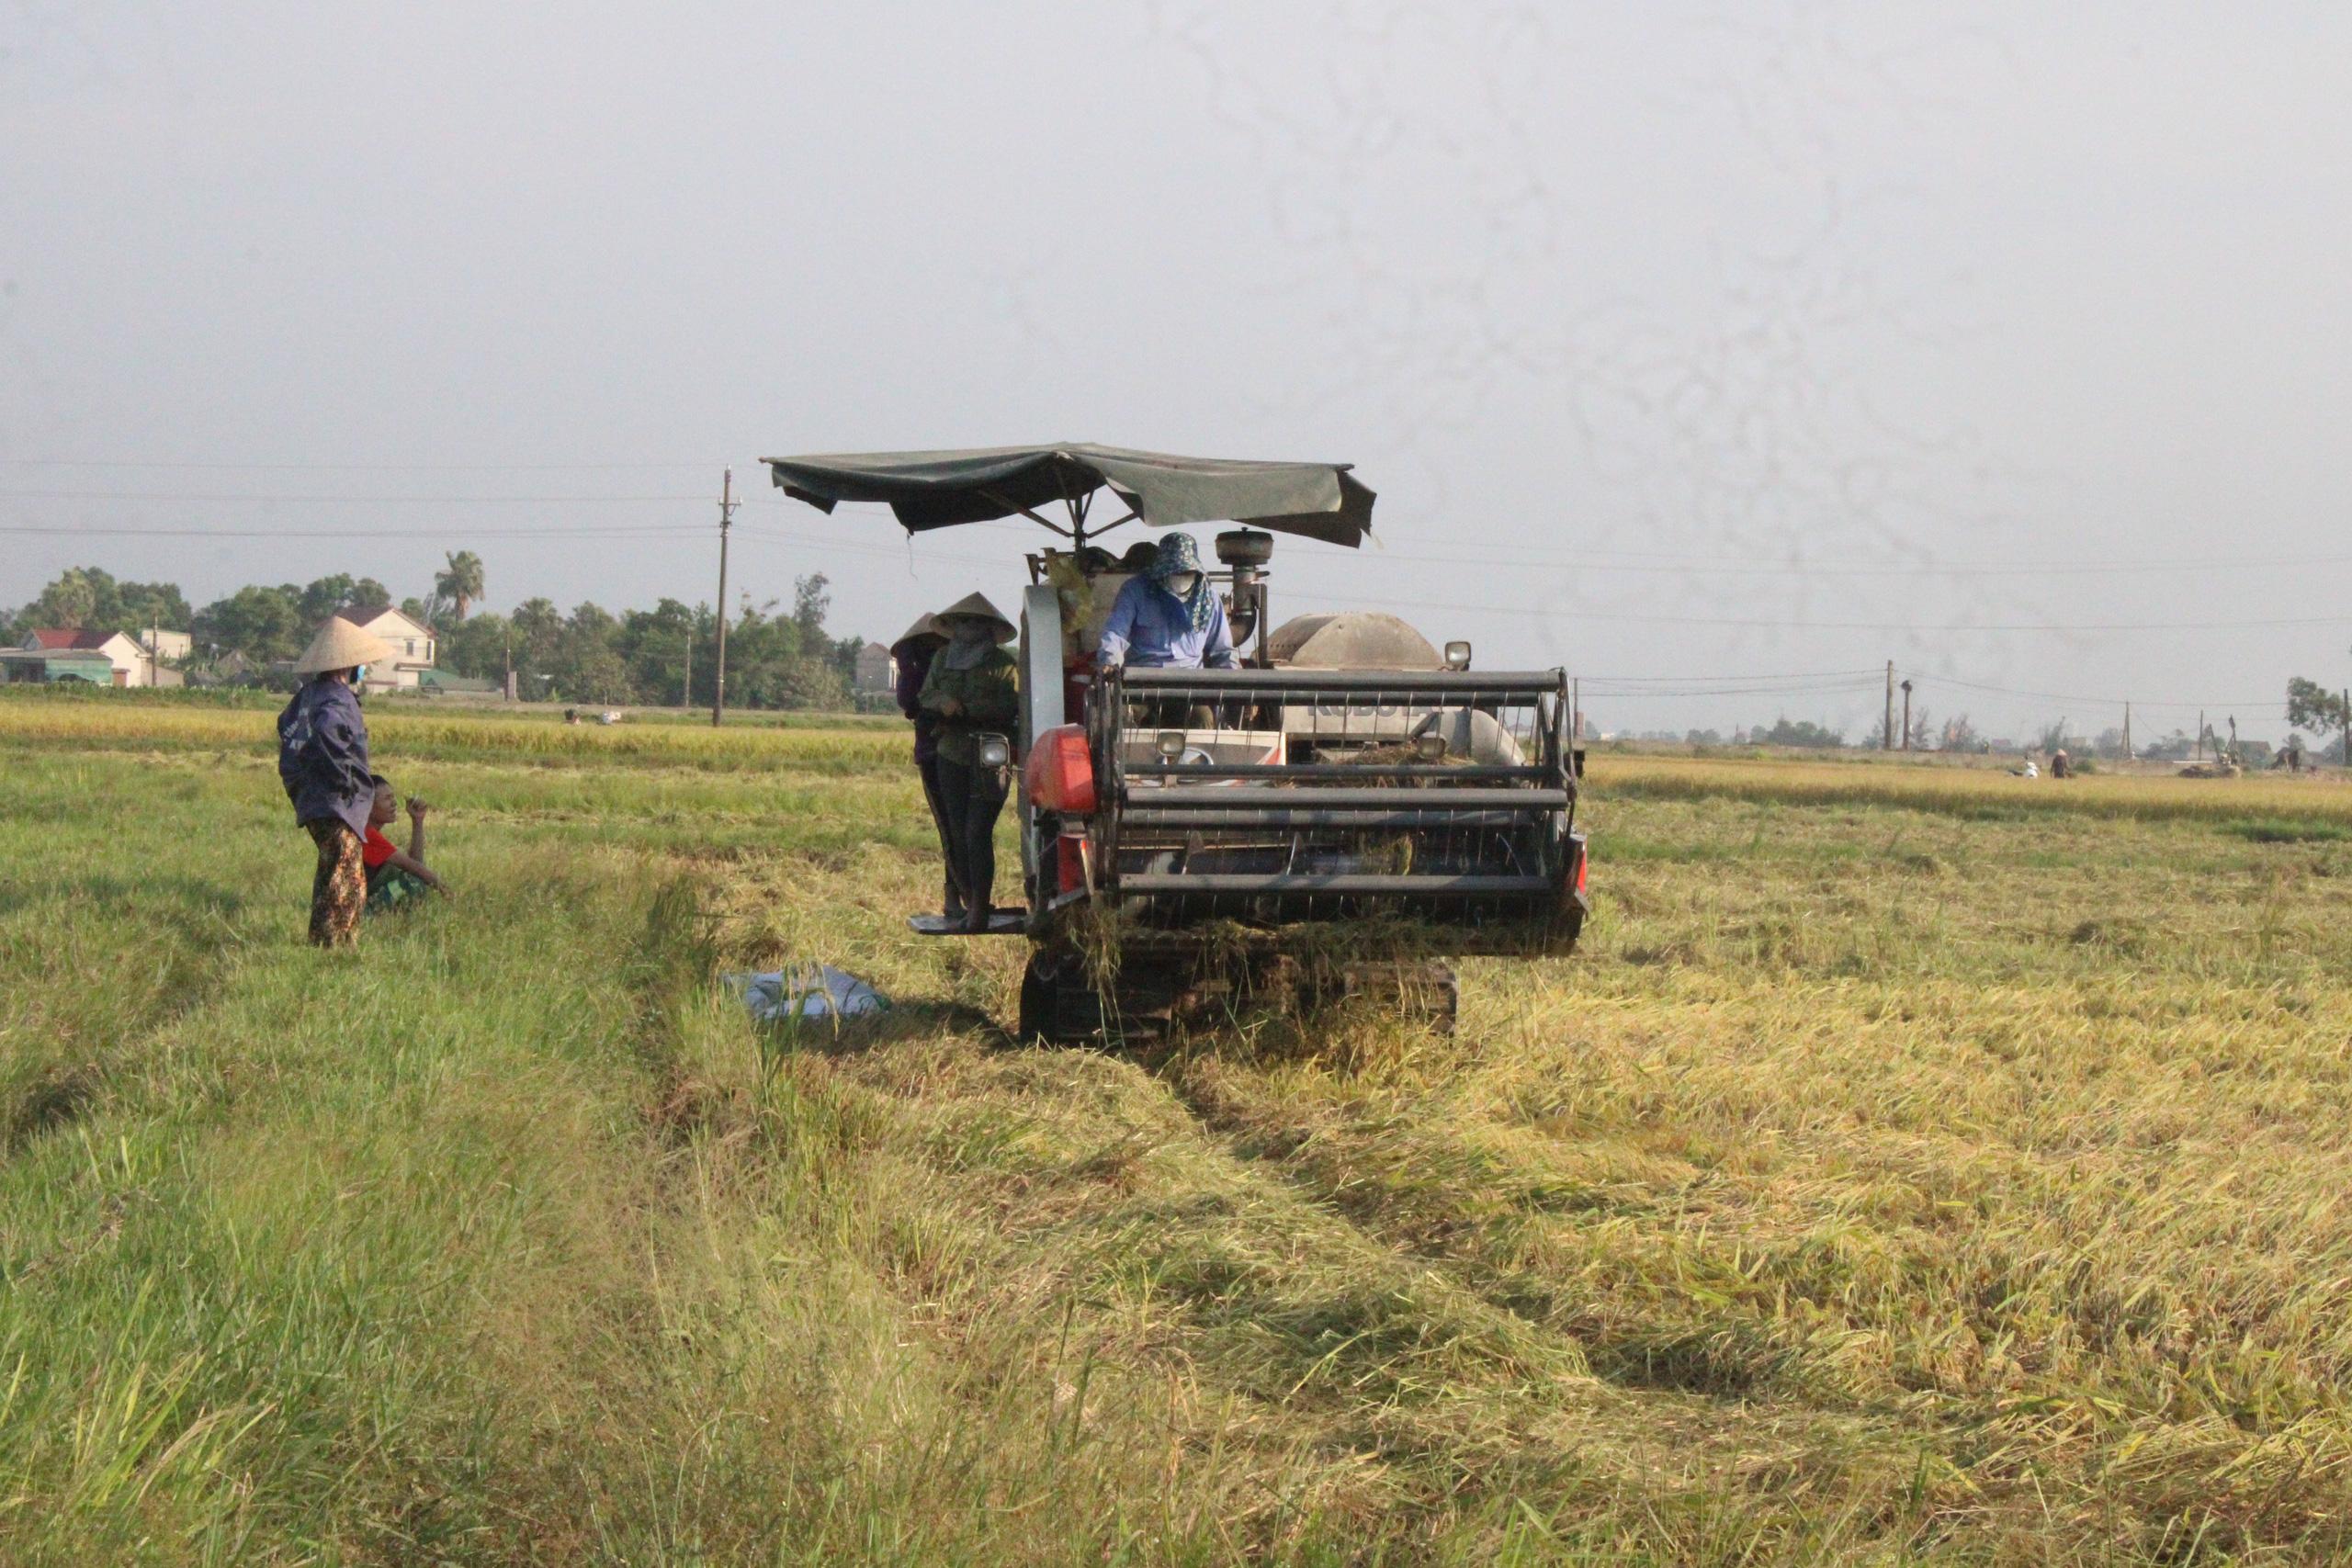 Hà Tĩnh: Lúa chín rộ, nông dân đỏ mắt tìm máy gặt - Ảnh 3.